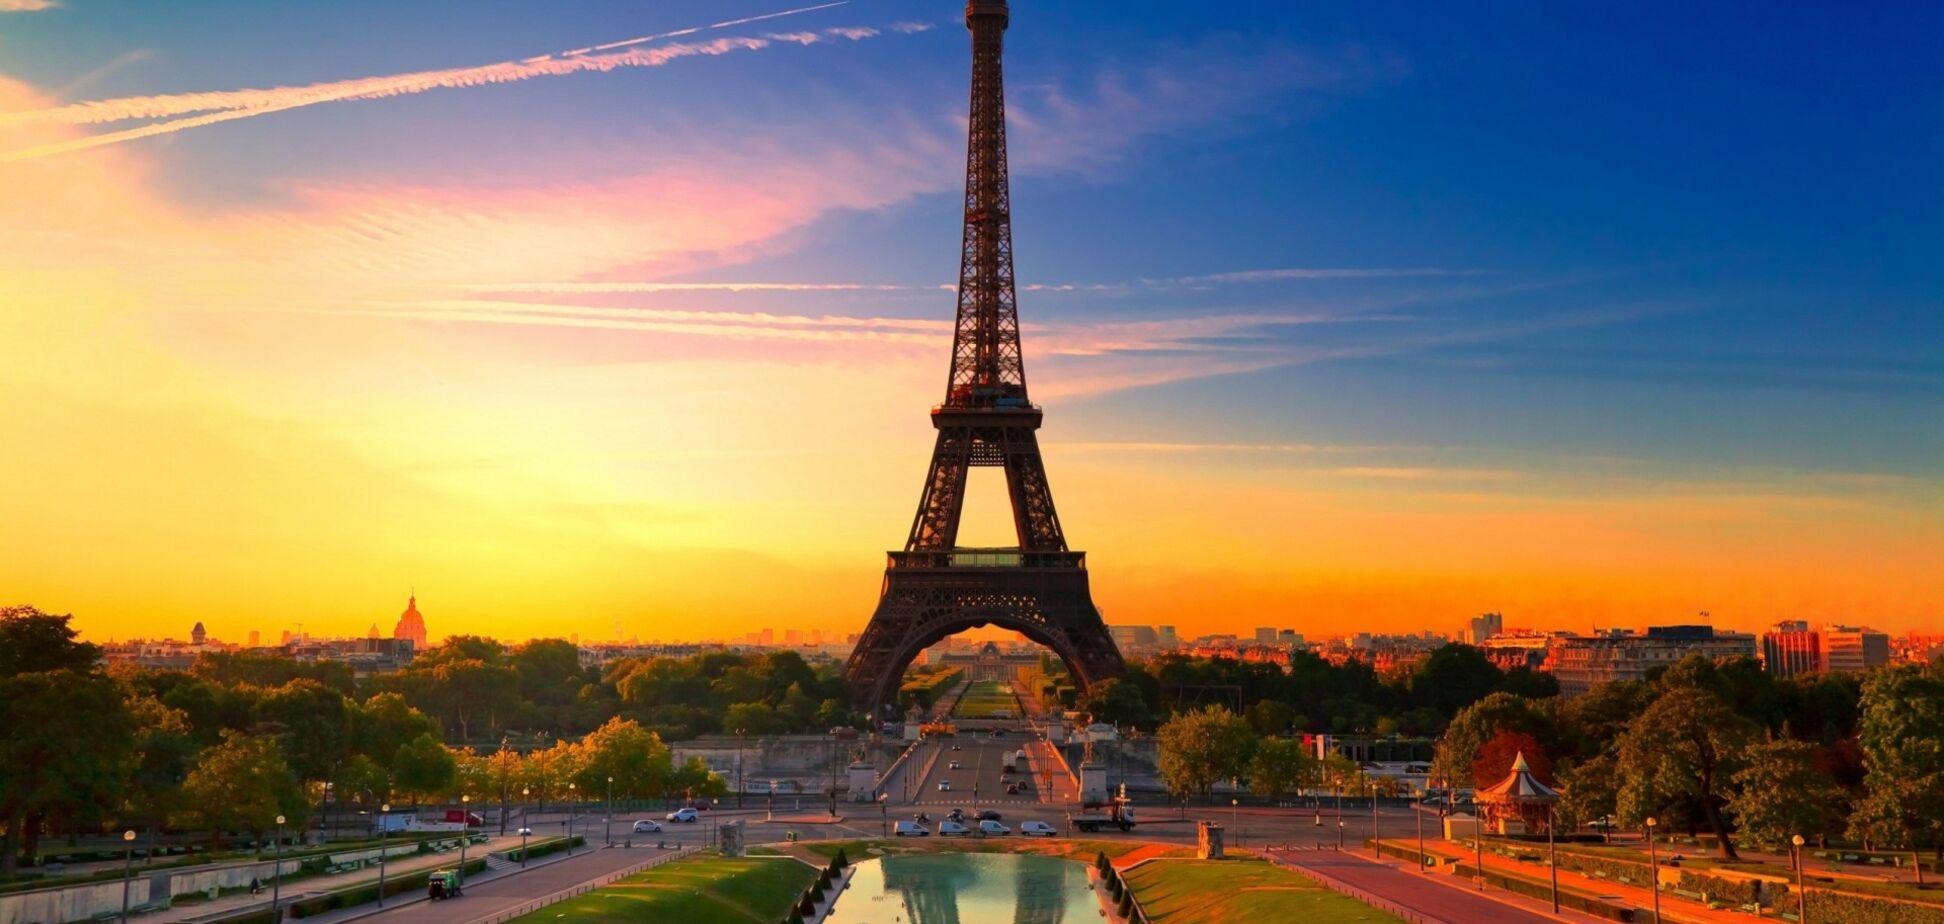 Ейфелева вежа, Париж